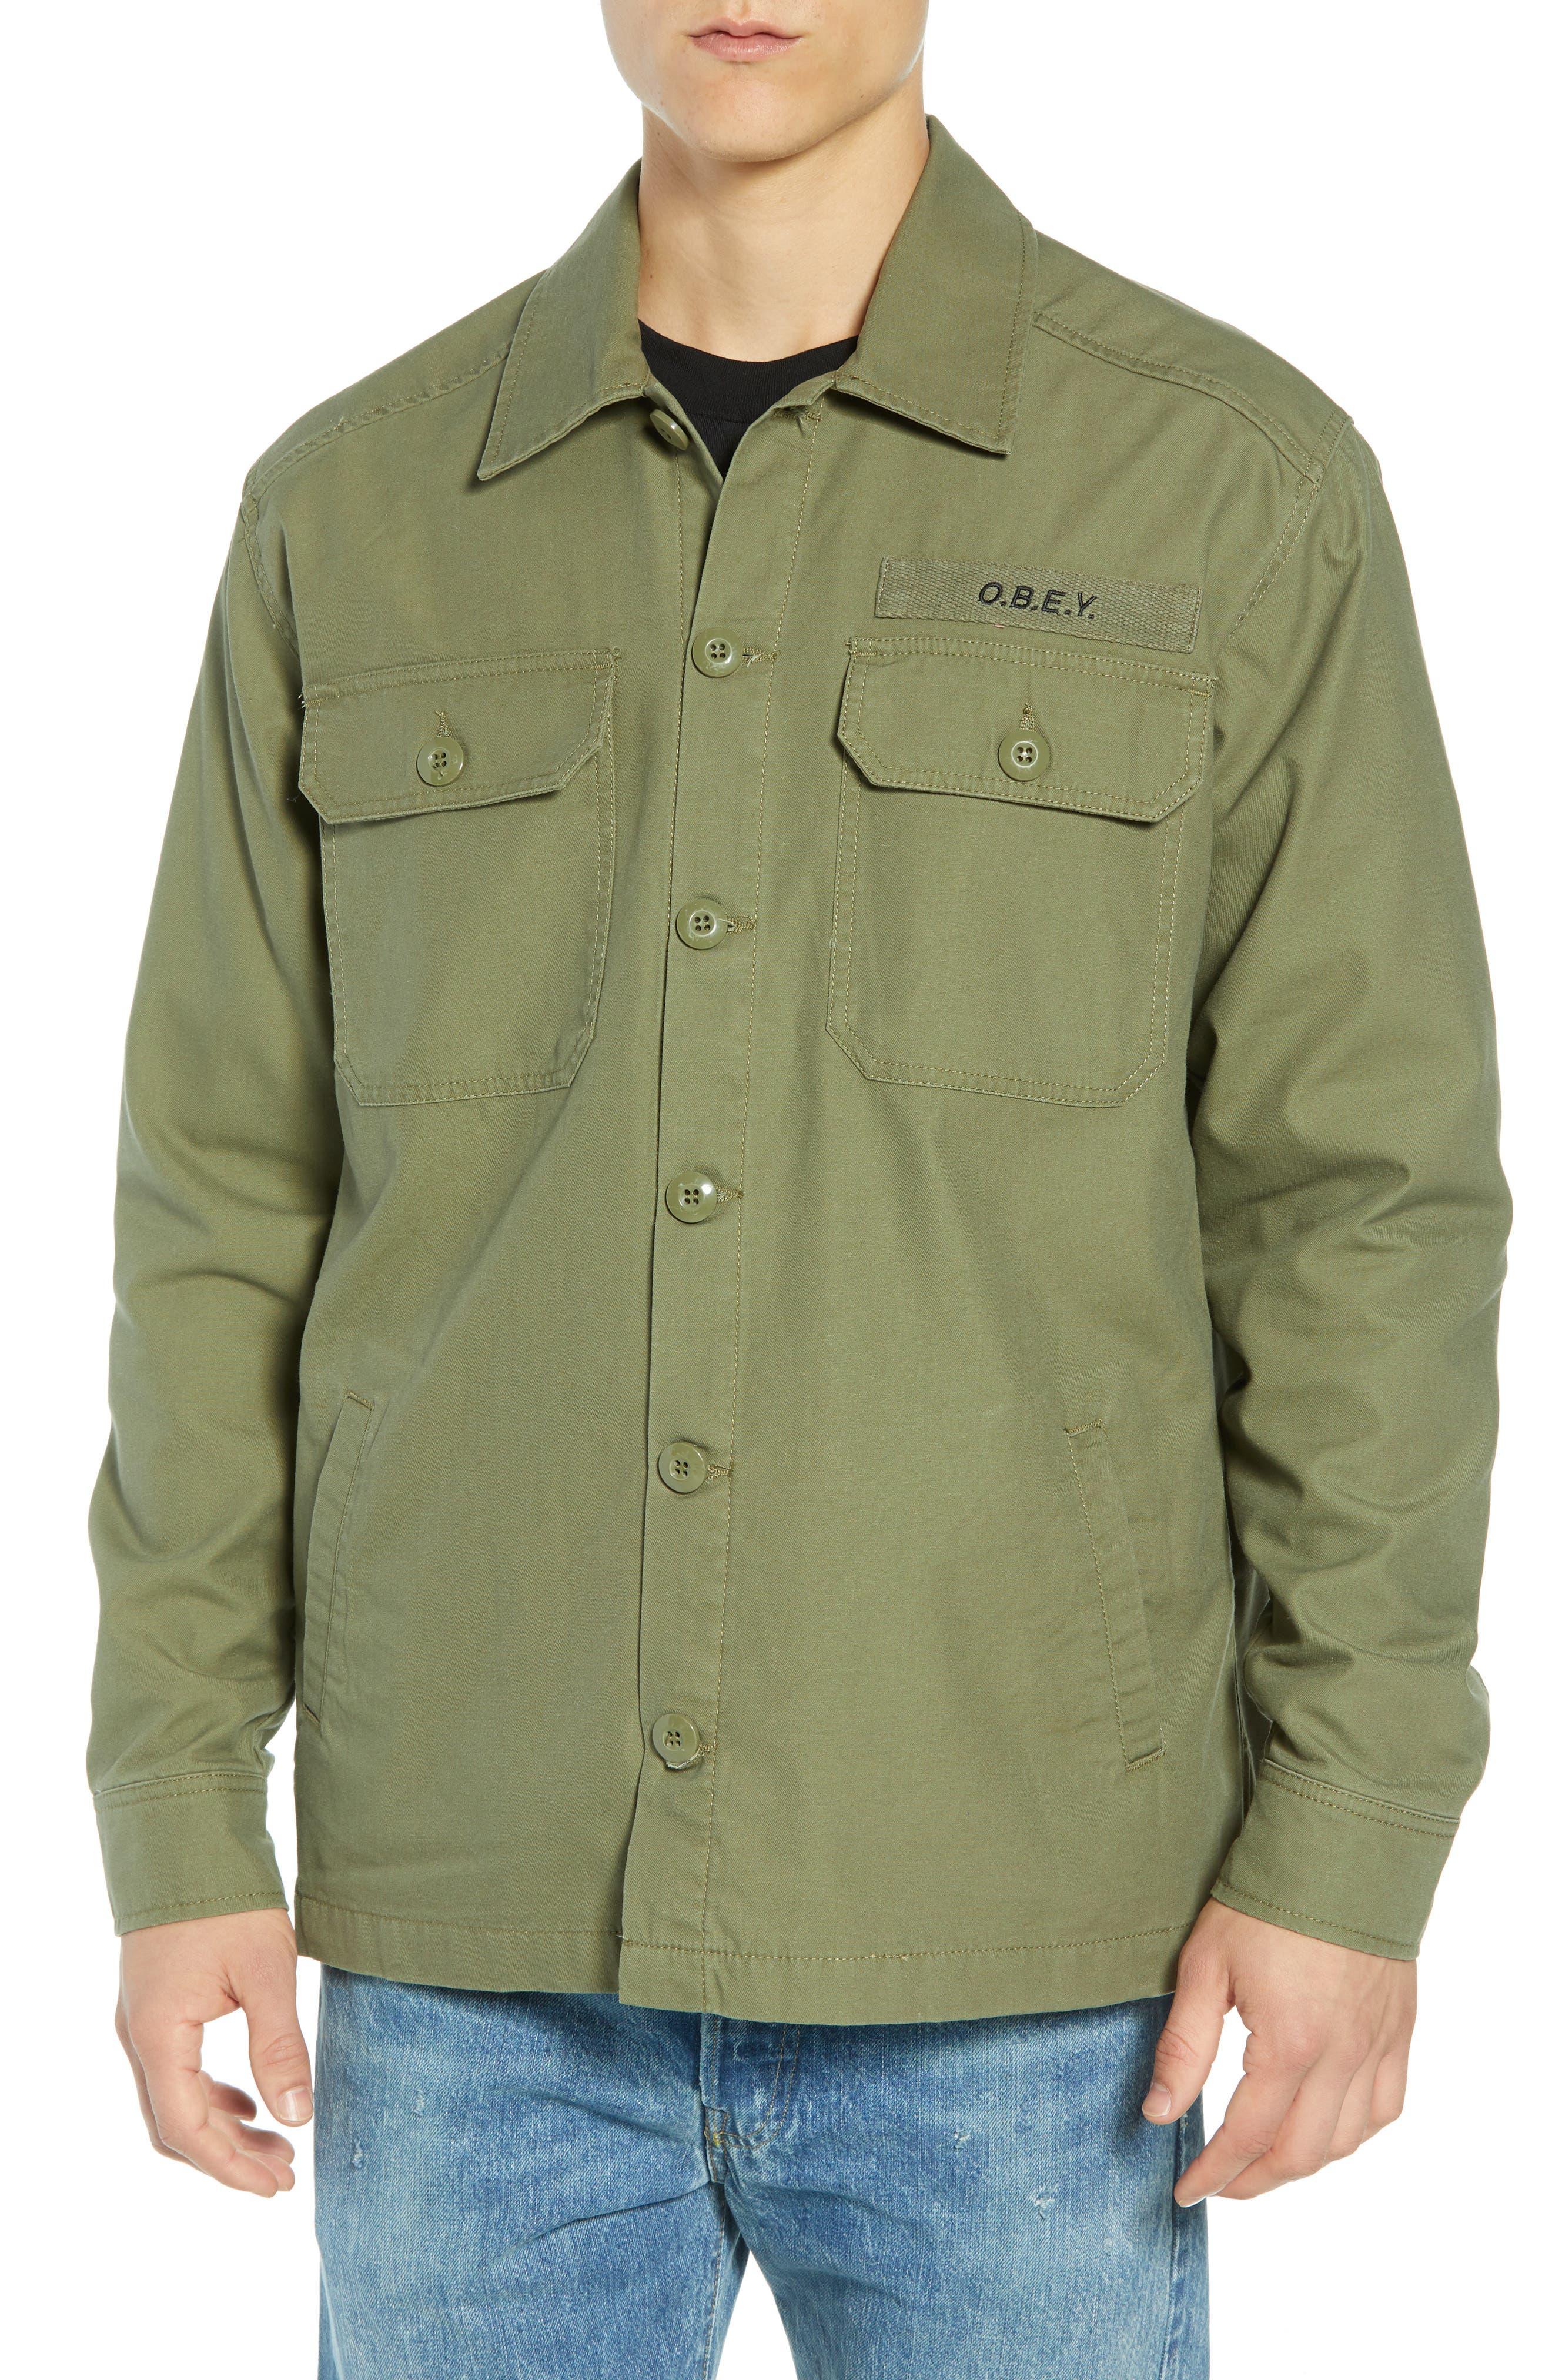 Station Shirt Jacket,                             Alternate thumbnail 4, color,                             BURNT OLIVE